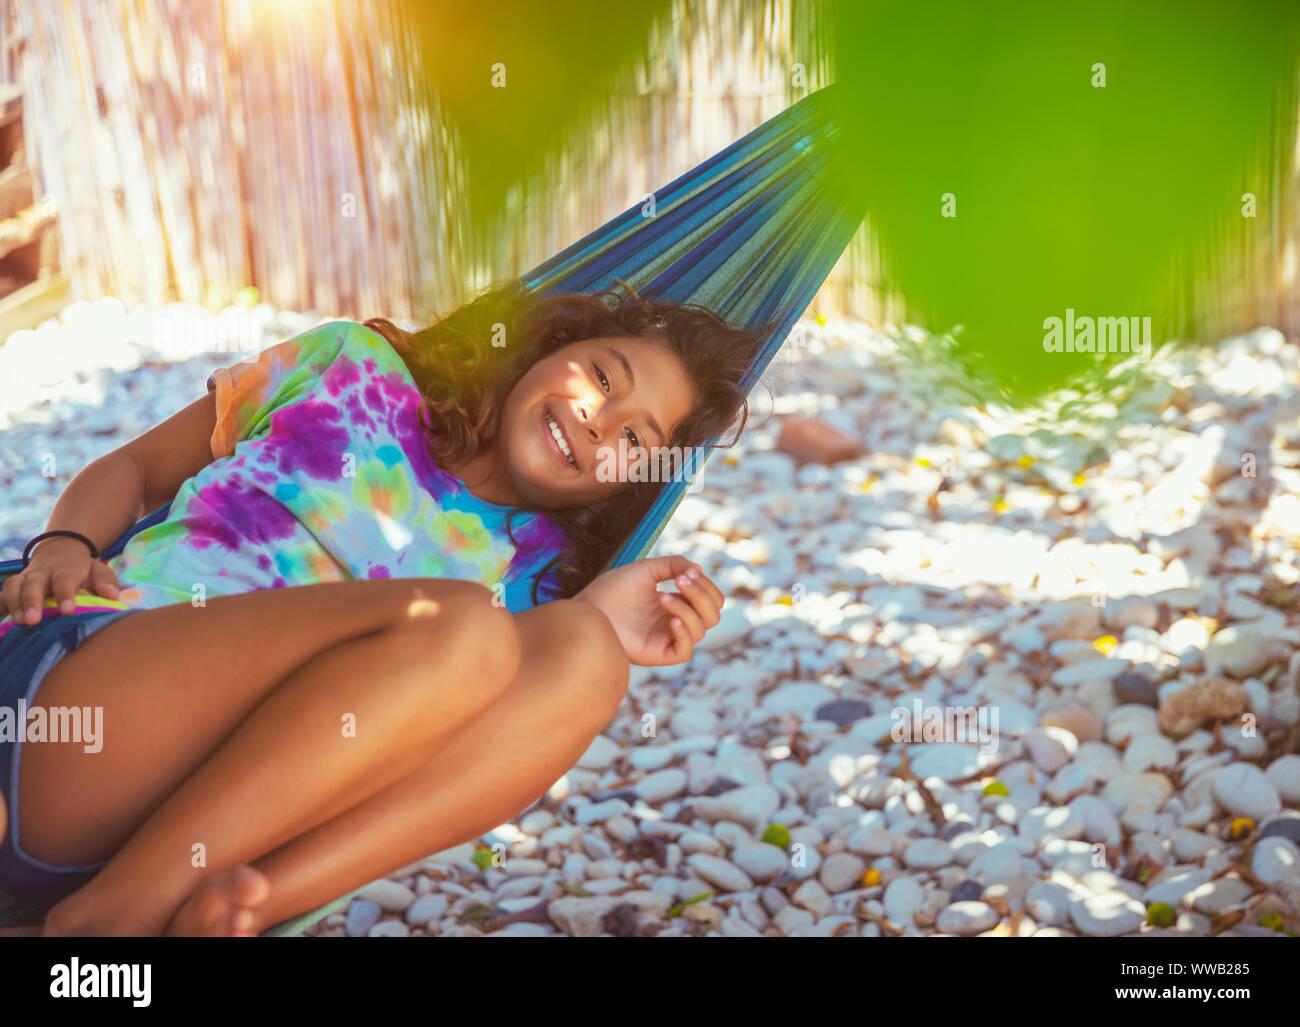 Retrato de una niña descansando en una hamaca en la playa, con placer pasar tiempo en un campamento de verano cerca del mar, disfrutando felices vacaciones activas Foto de stock